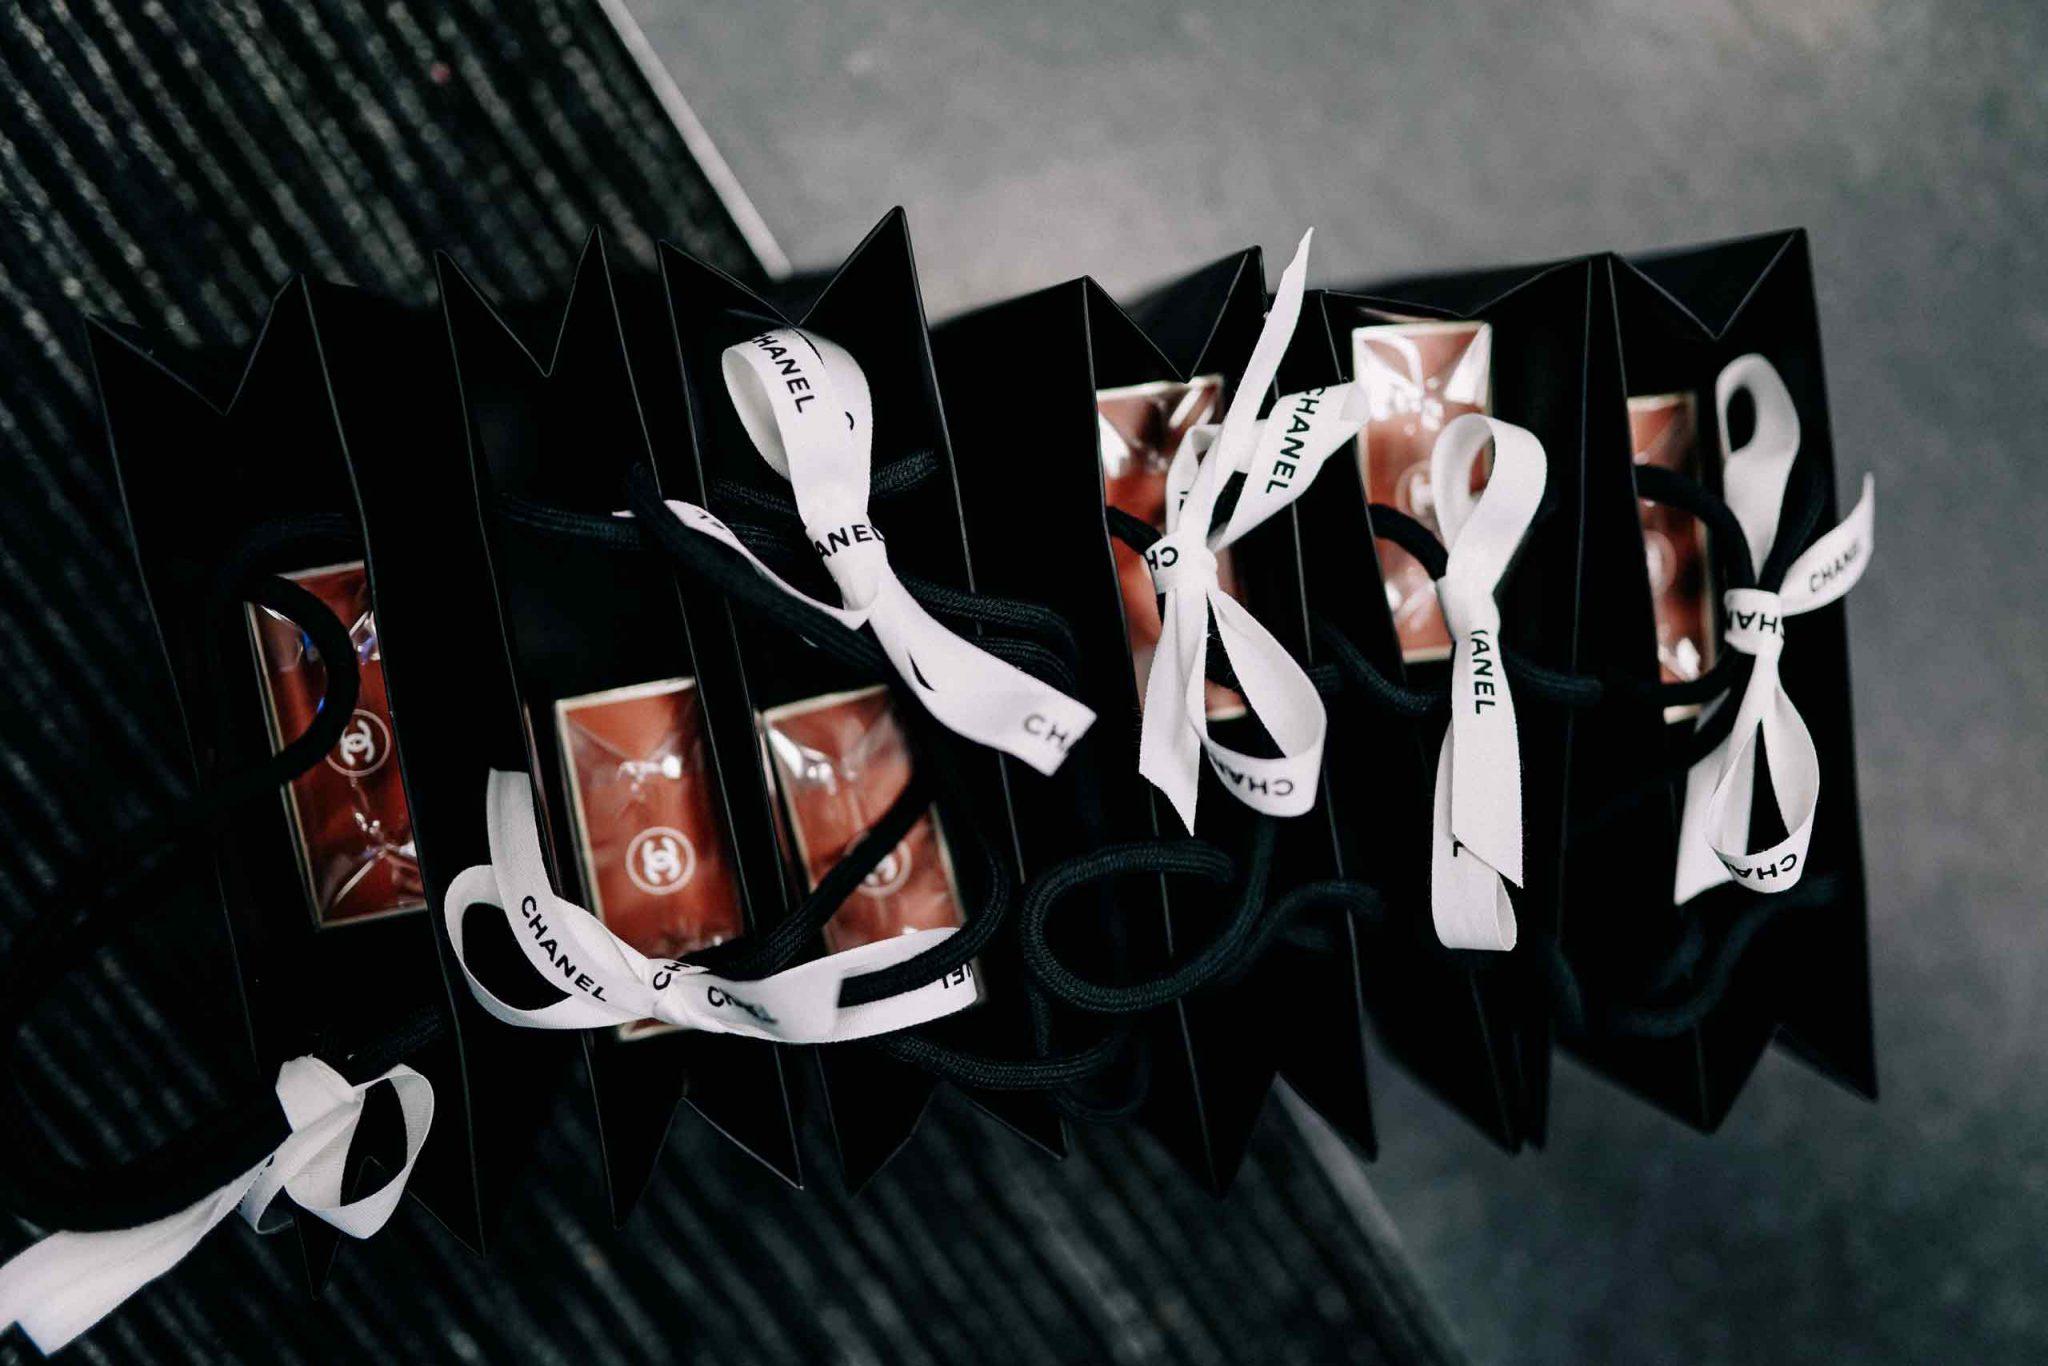 Chanel_Boutique_Cocktail_event_Ilsoo_van_Dijk_07122019-00569